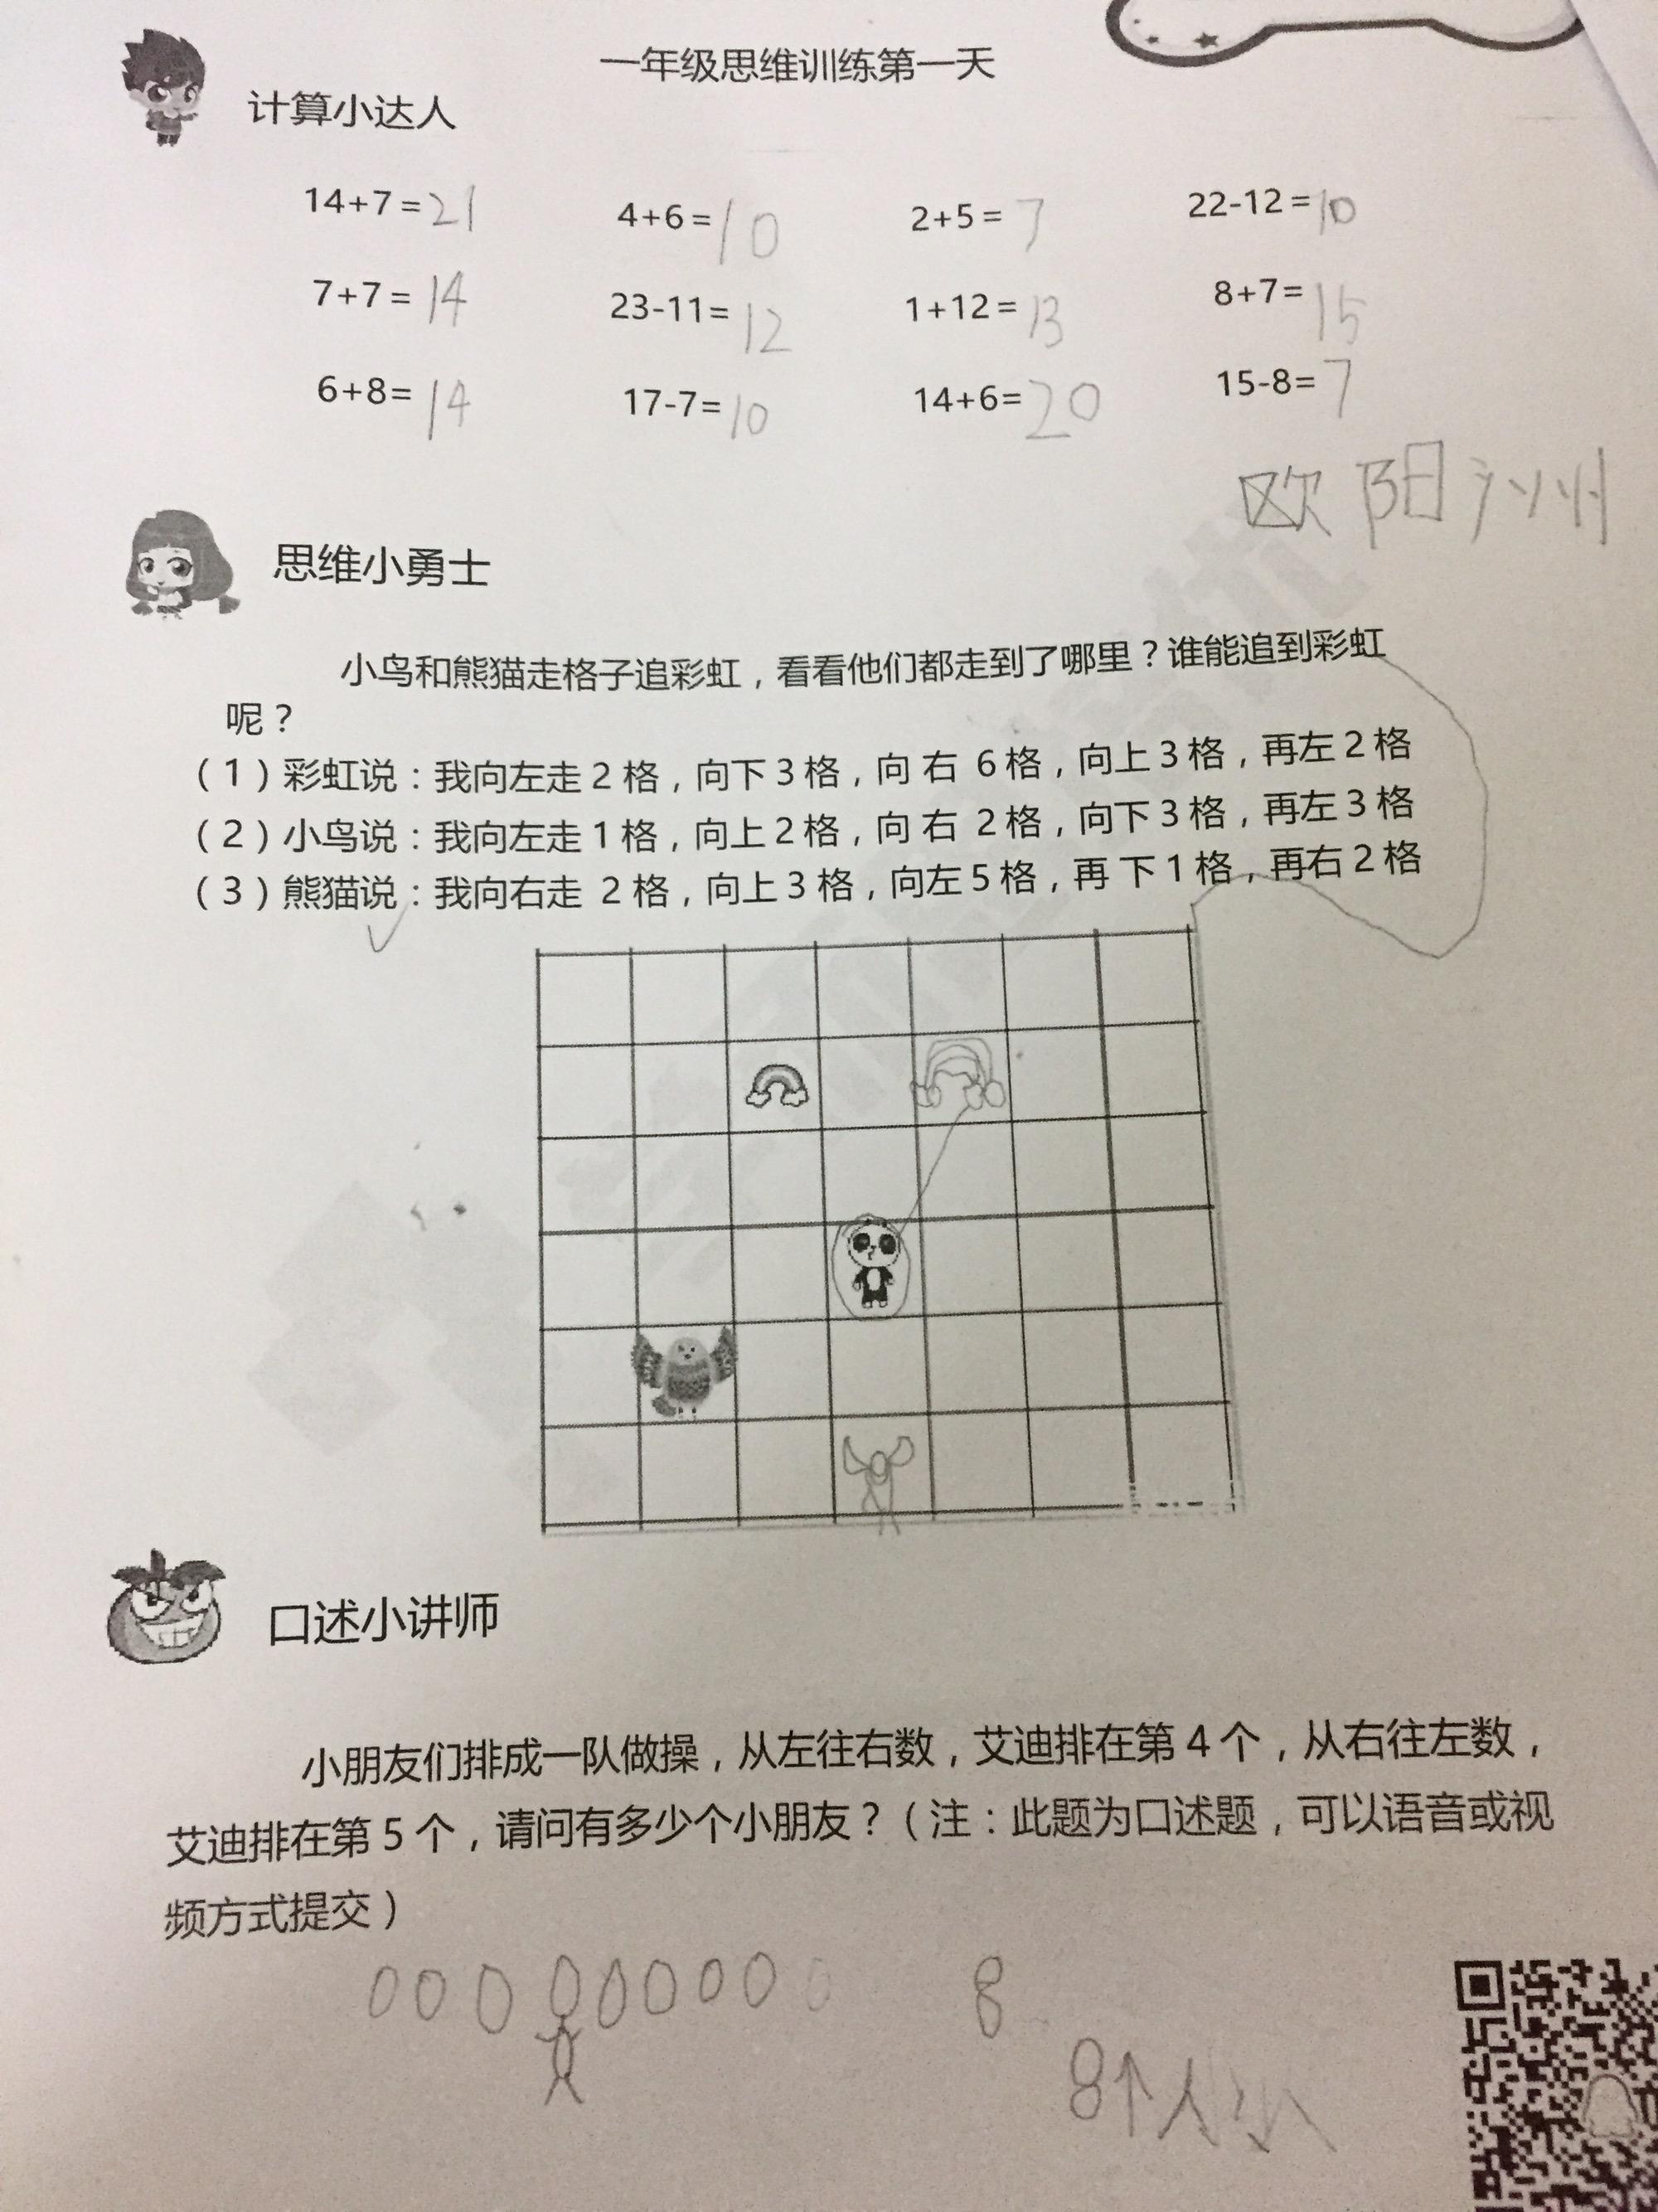 C2690960-6F77-4828-A7FC-BF4A43F1C87C.jpg